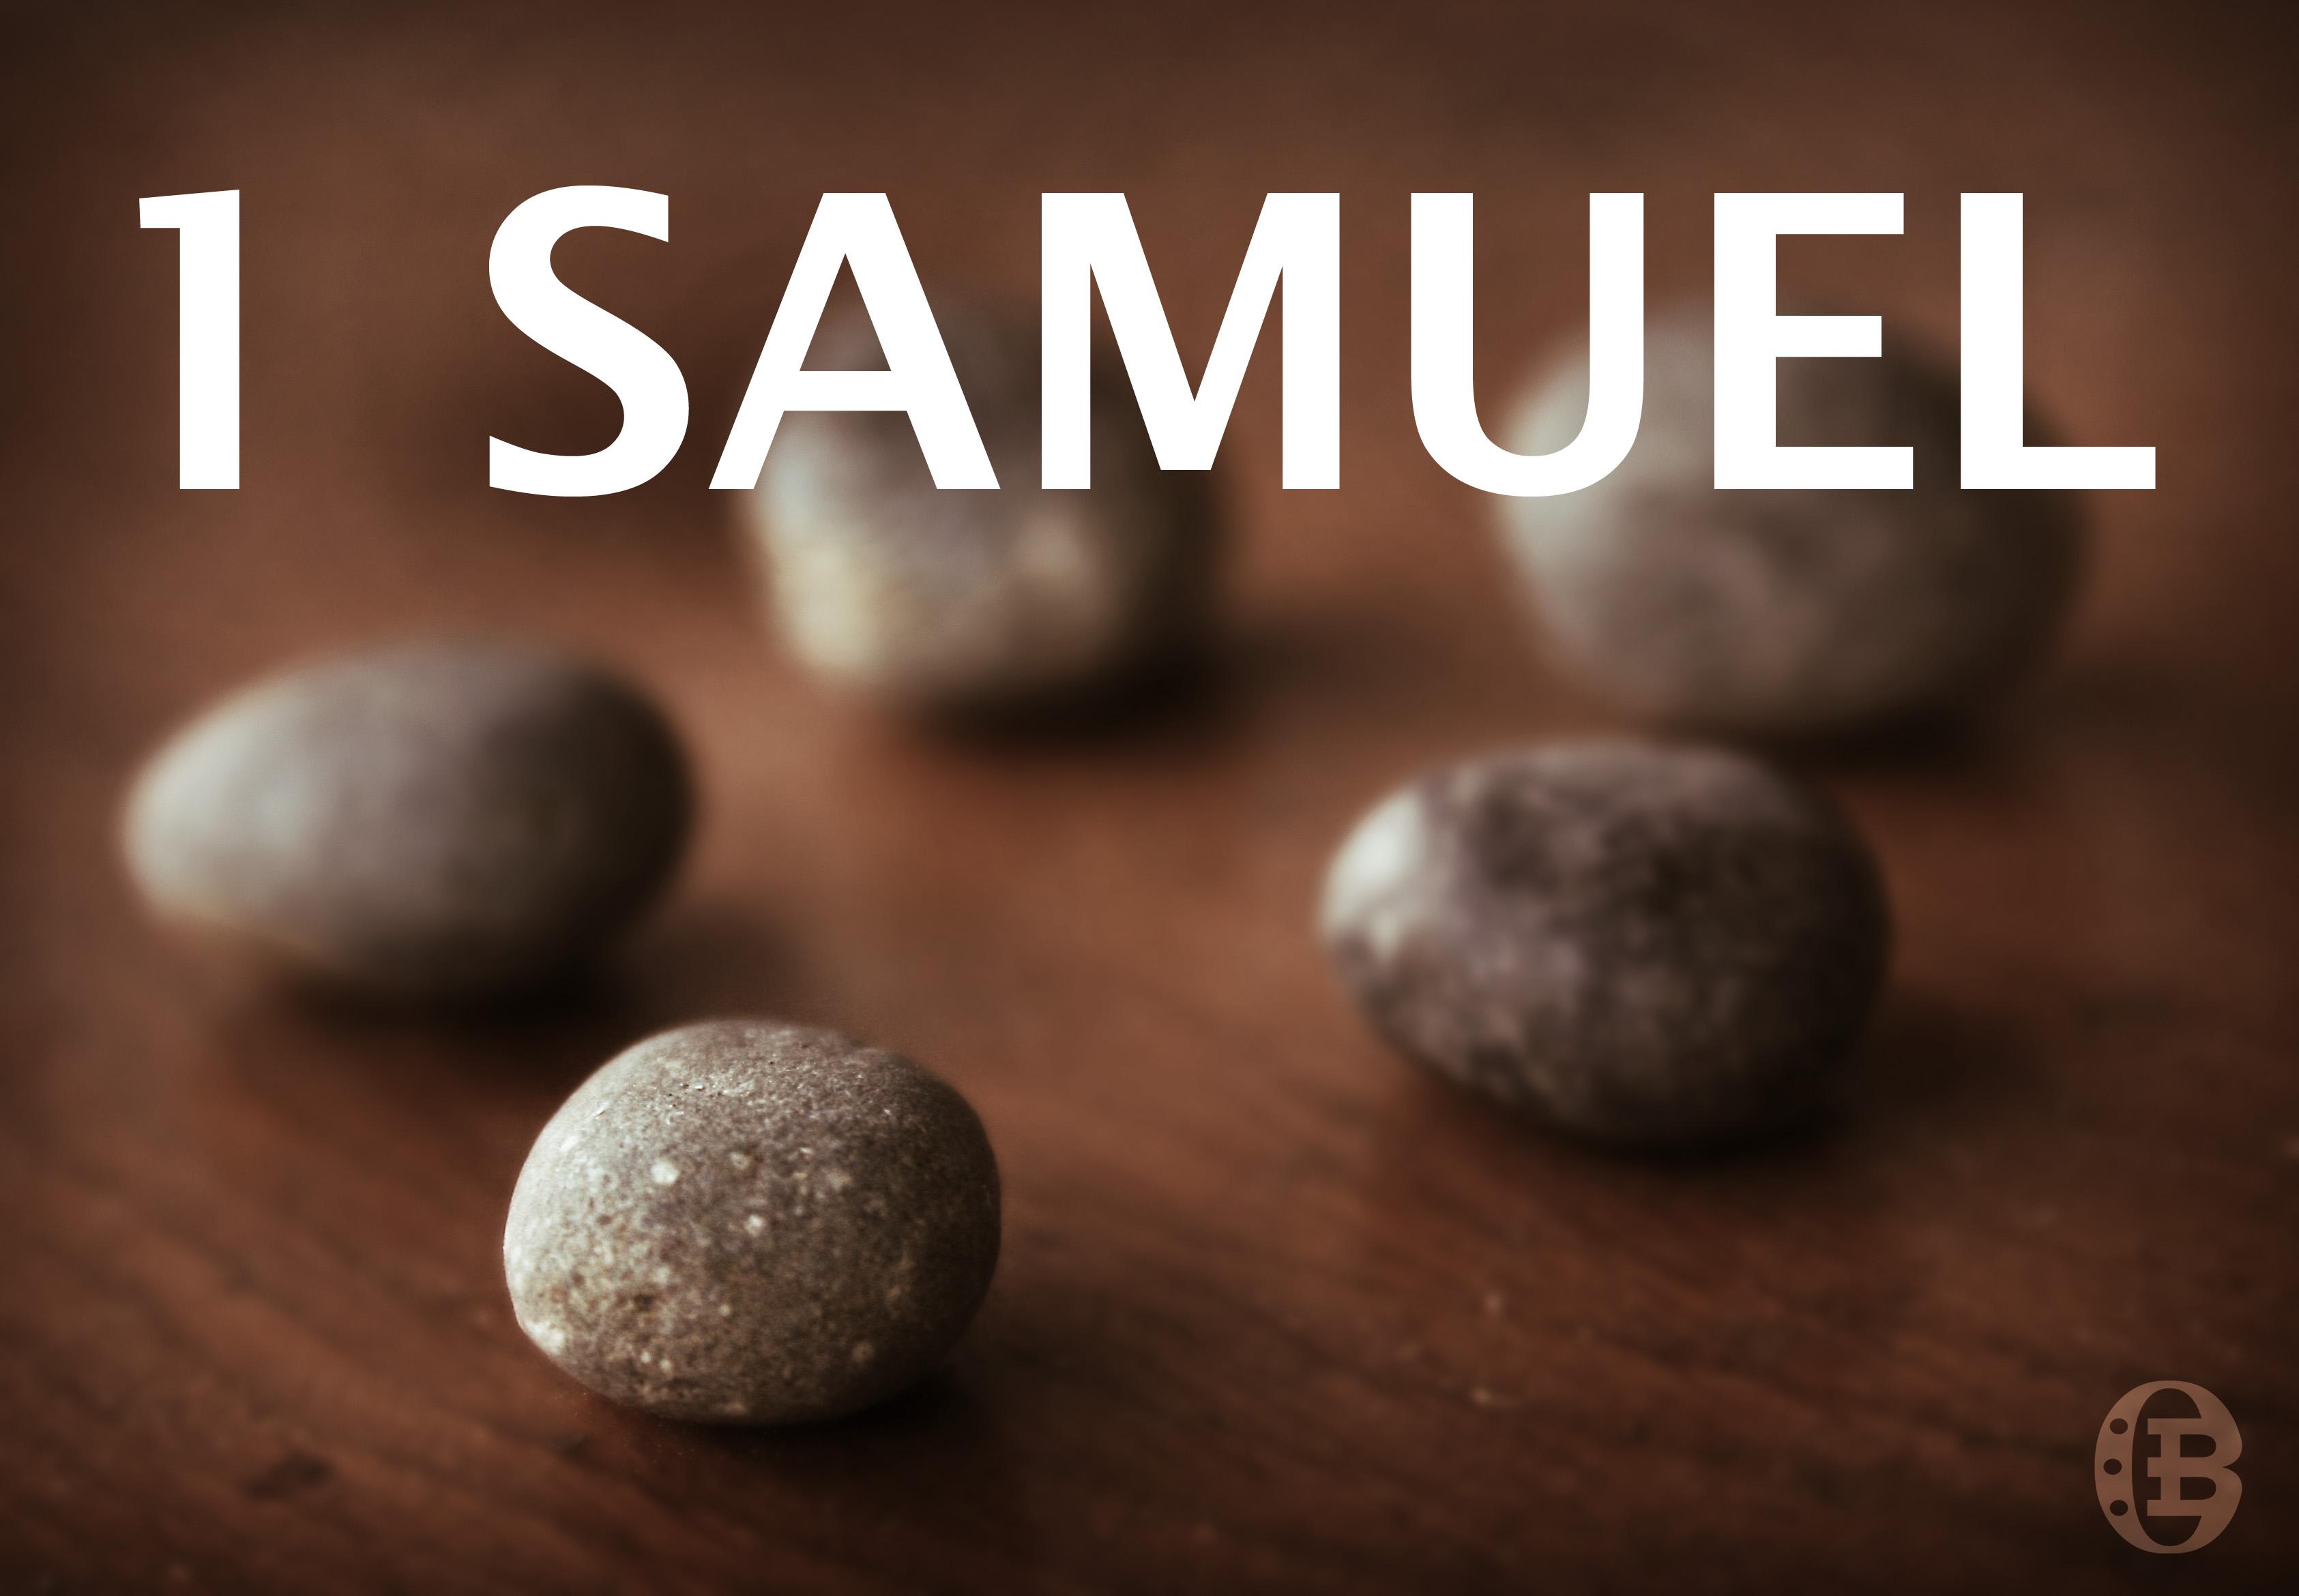 Books of Samuel